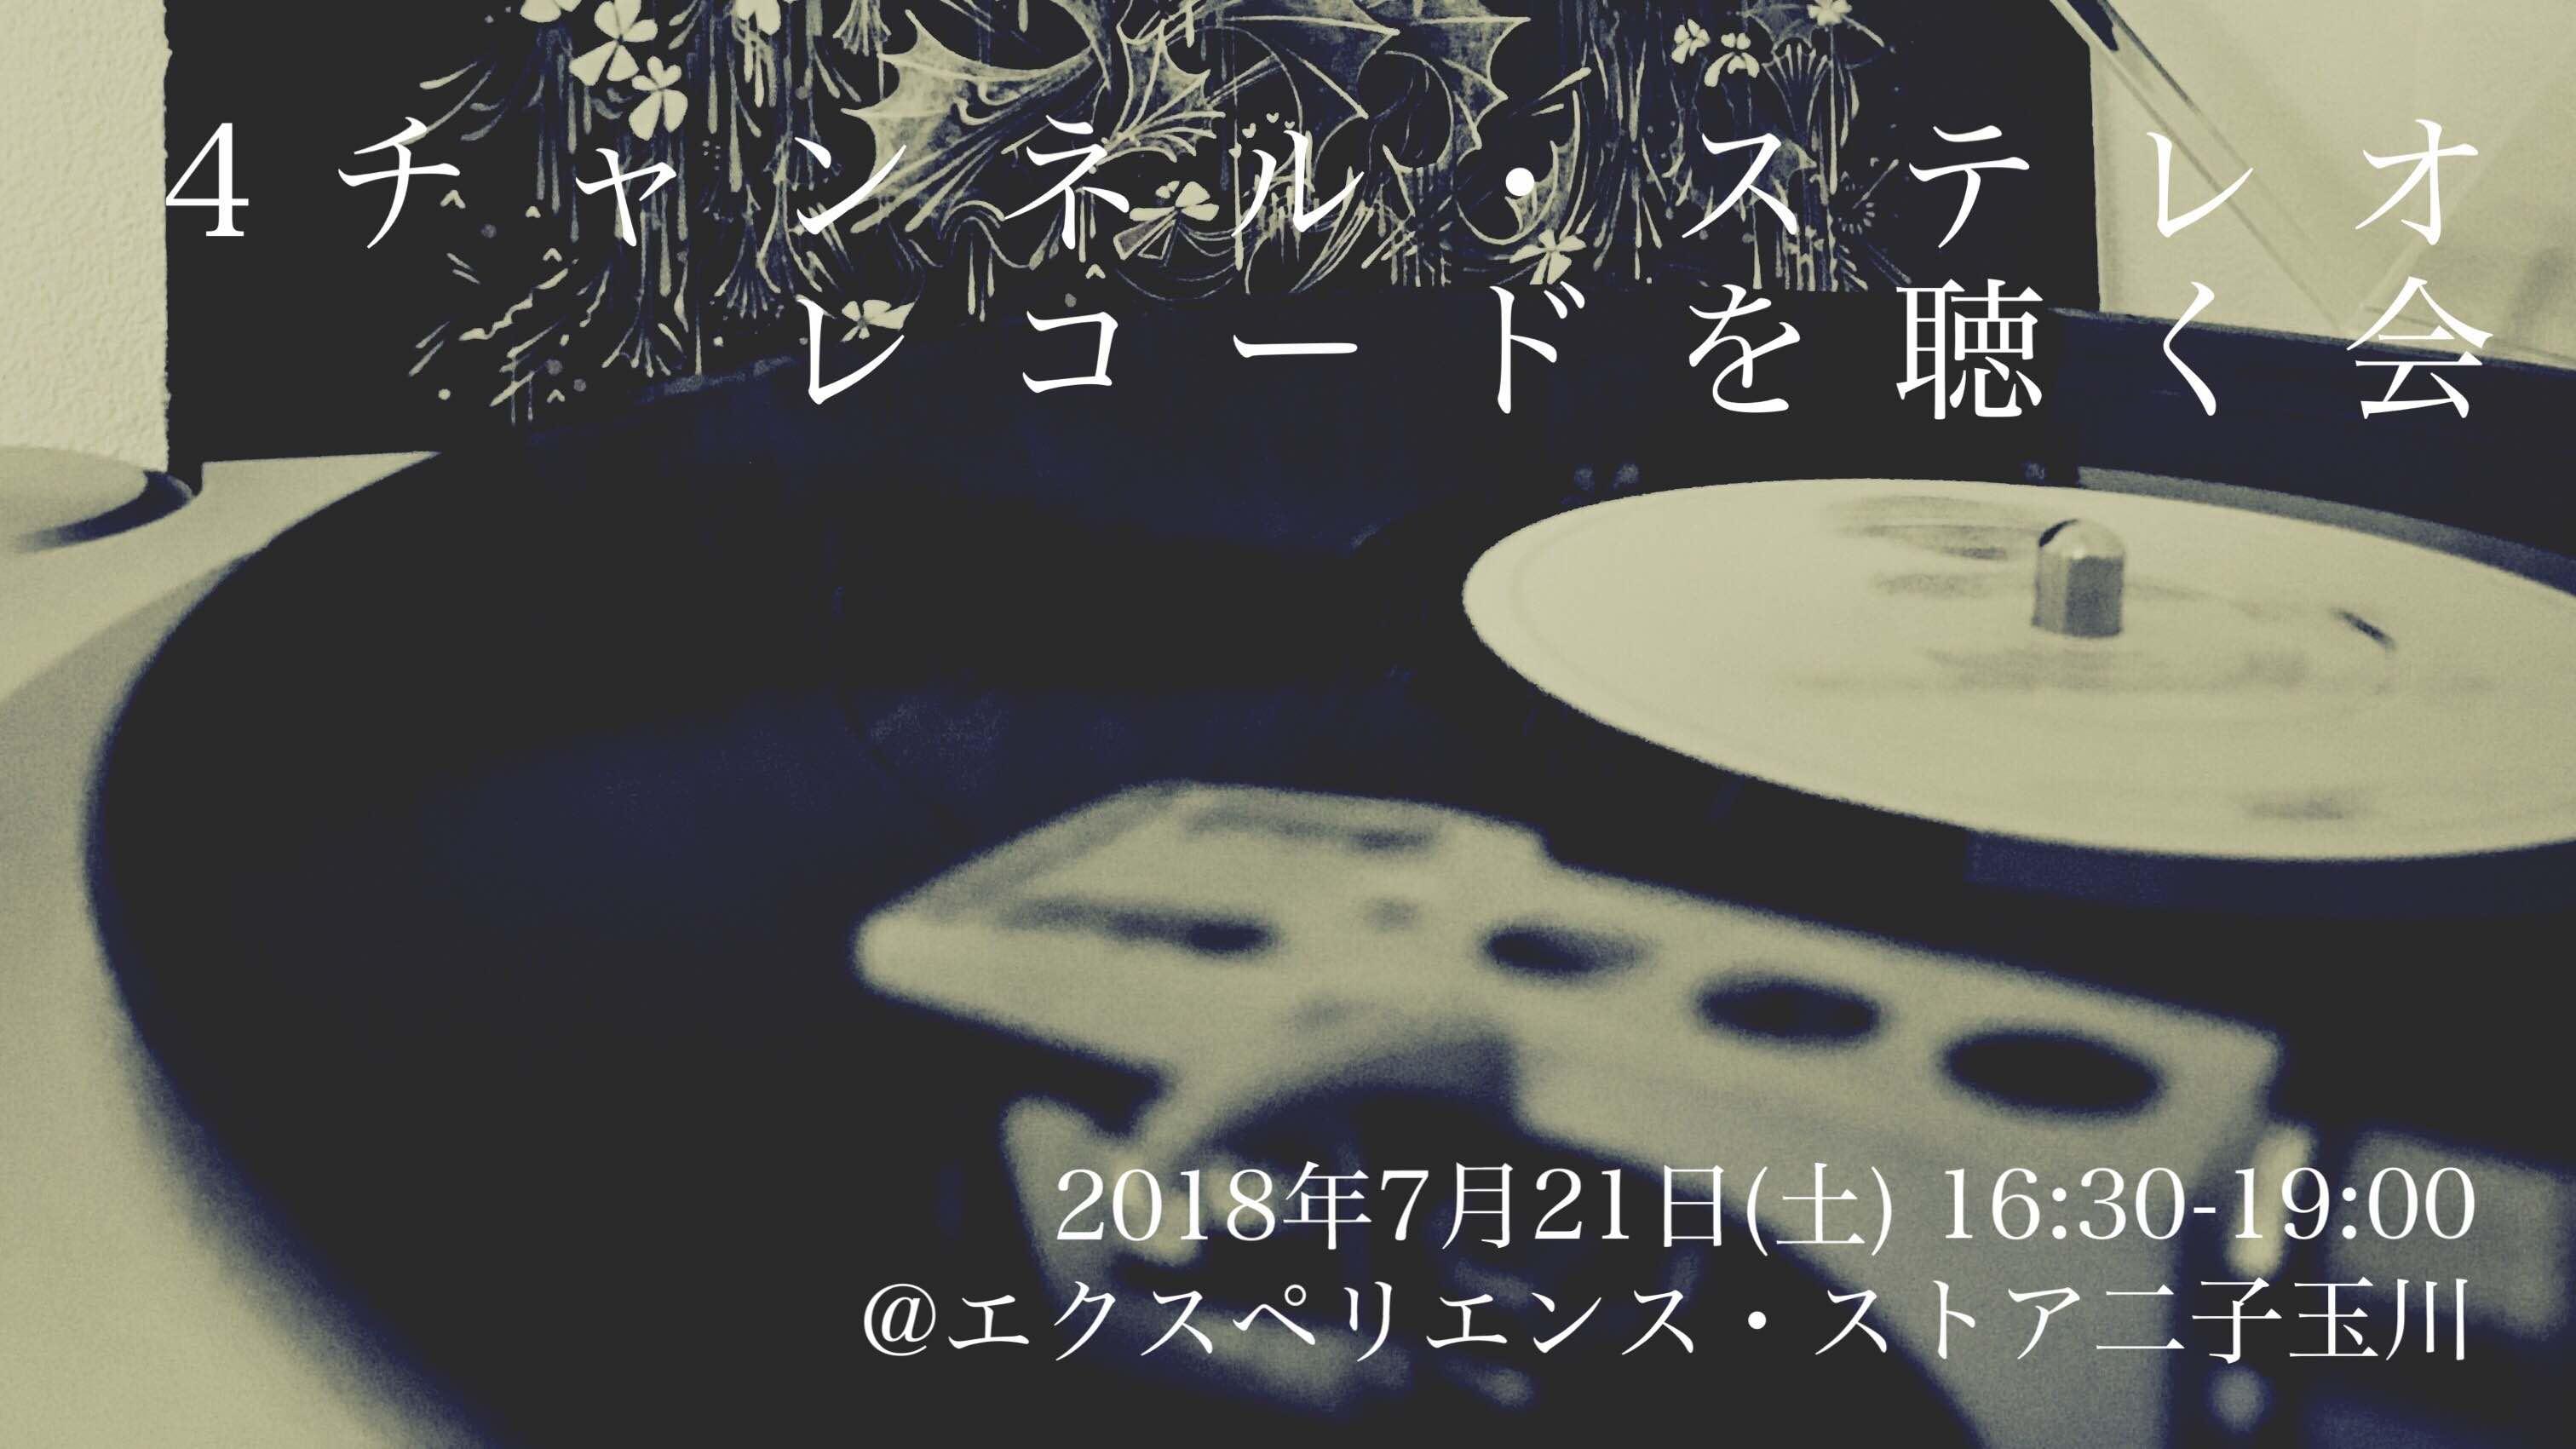 【4チャンネル・ステレオ・レコードを聴く会】 プレイリスト